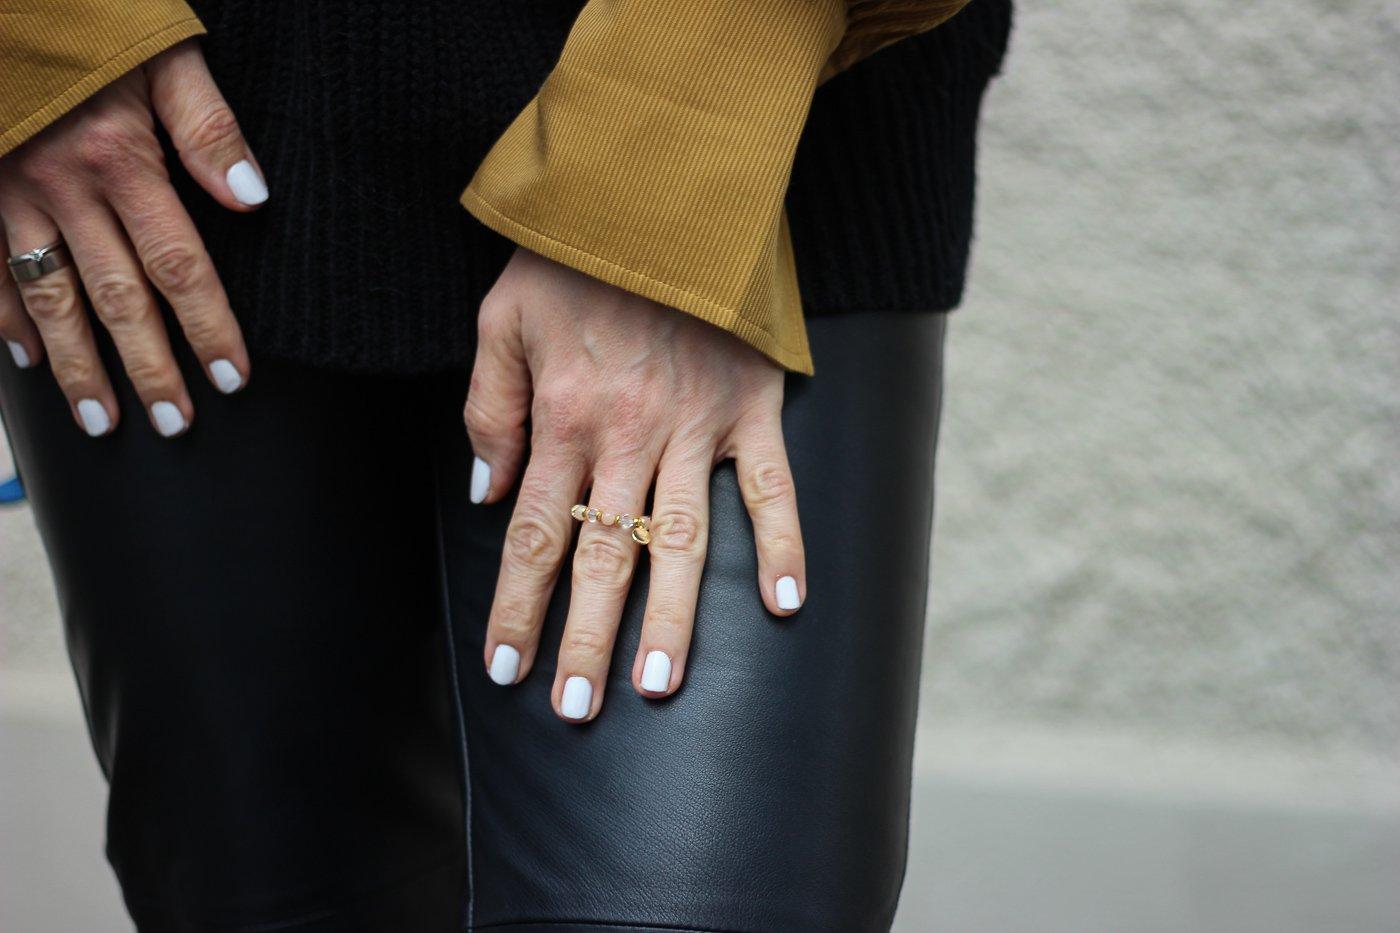 conny doll lifestyle: Lederhose, Bluse, weißer Nagellack, Ring OHCARO,